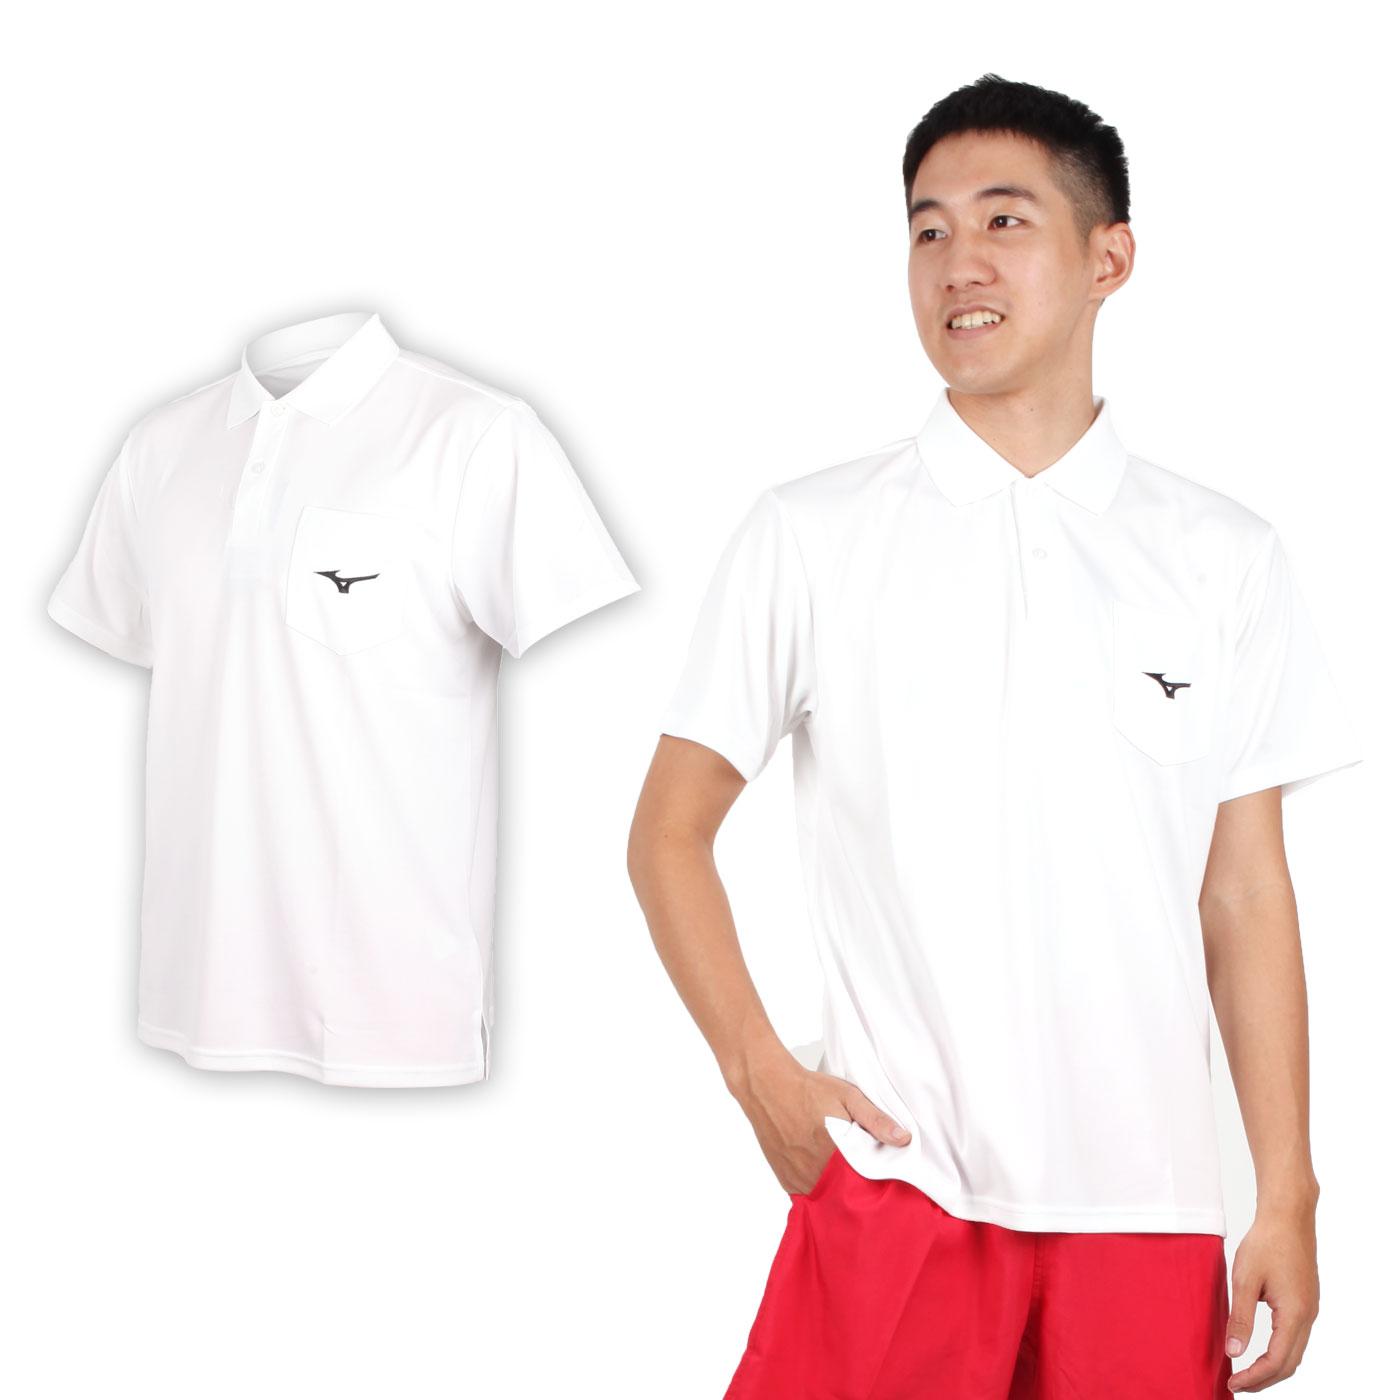 MIZUNO 男短袖POLO衫 32TA801501 - 白黑